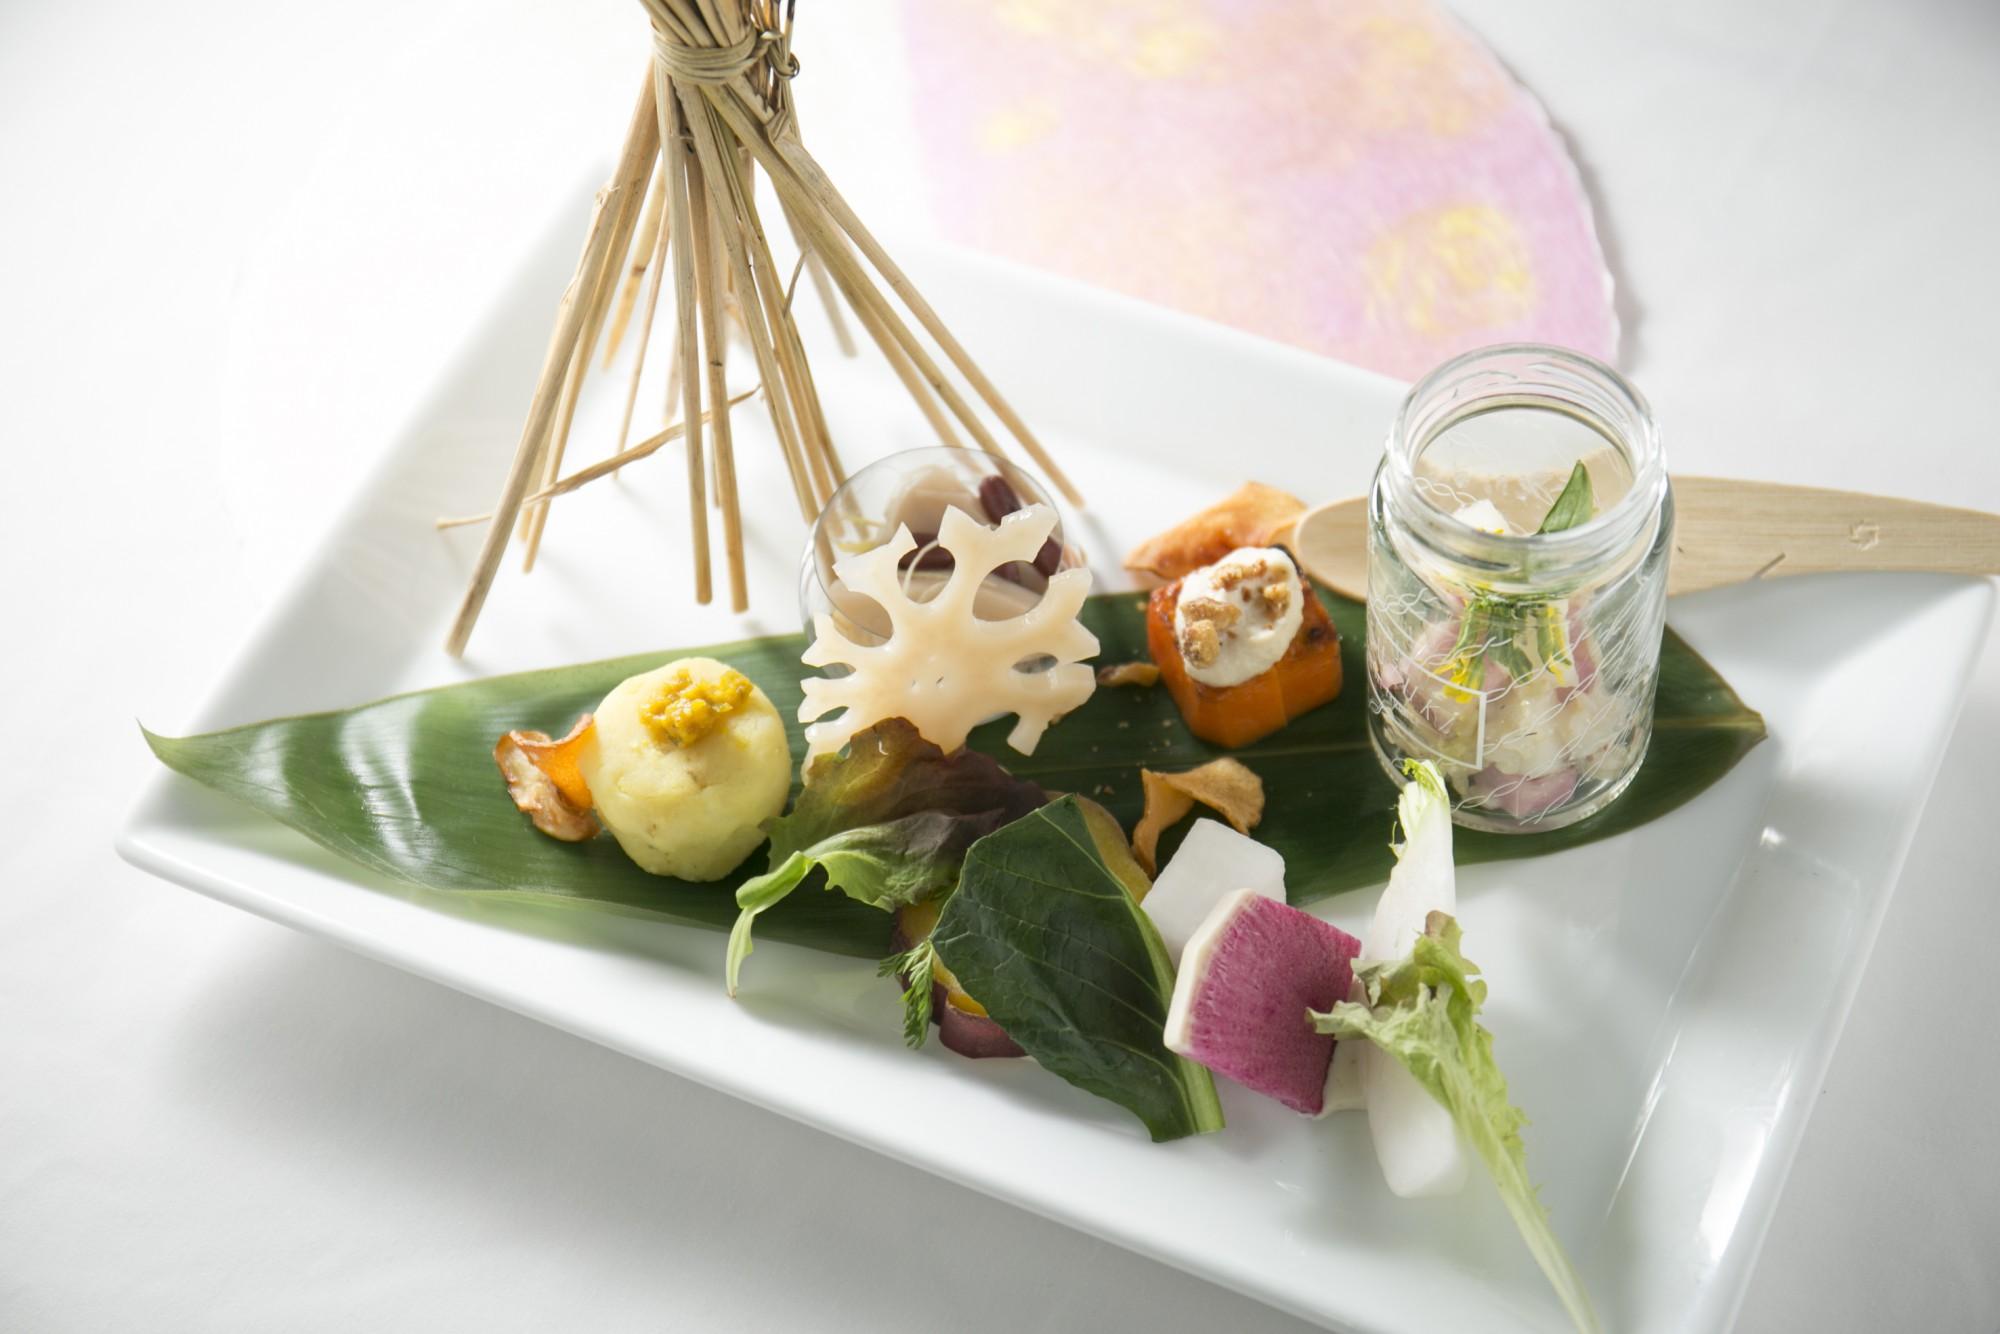 「前菜~雪国保存食の歴史。新食文化の提案~」